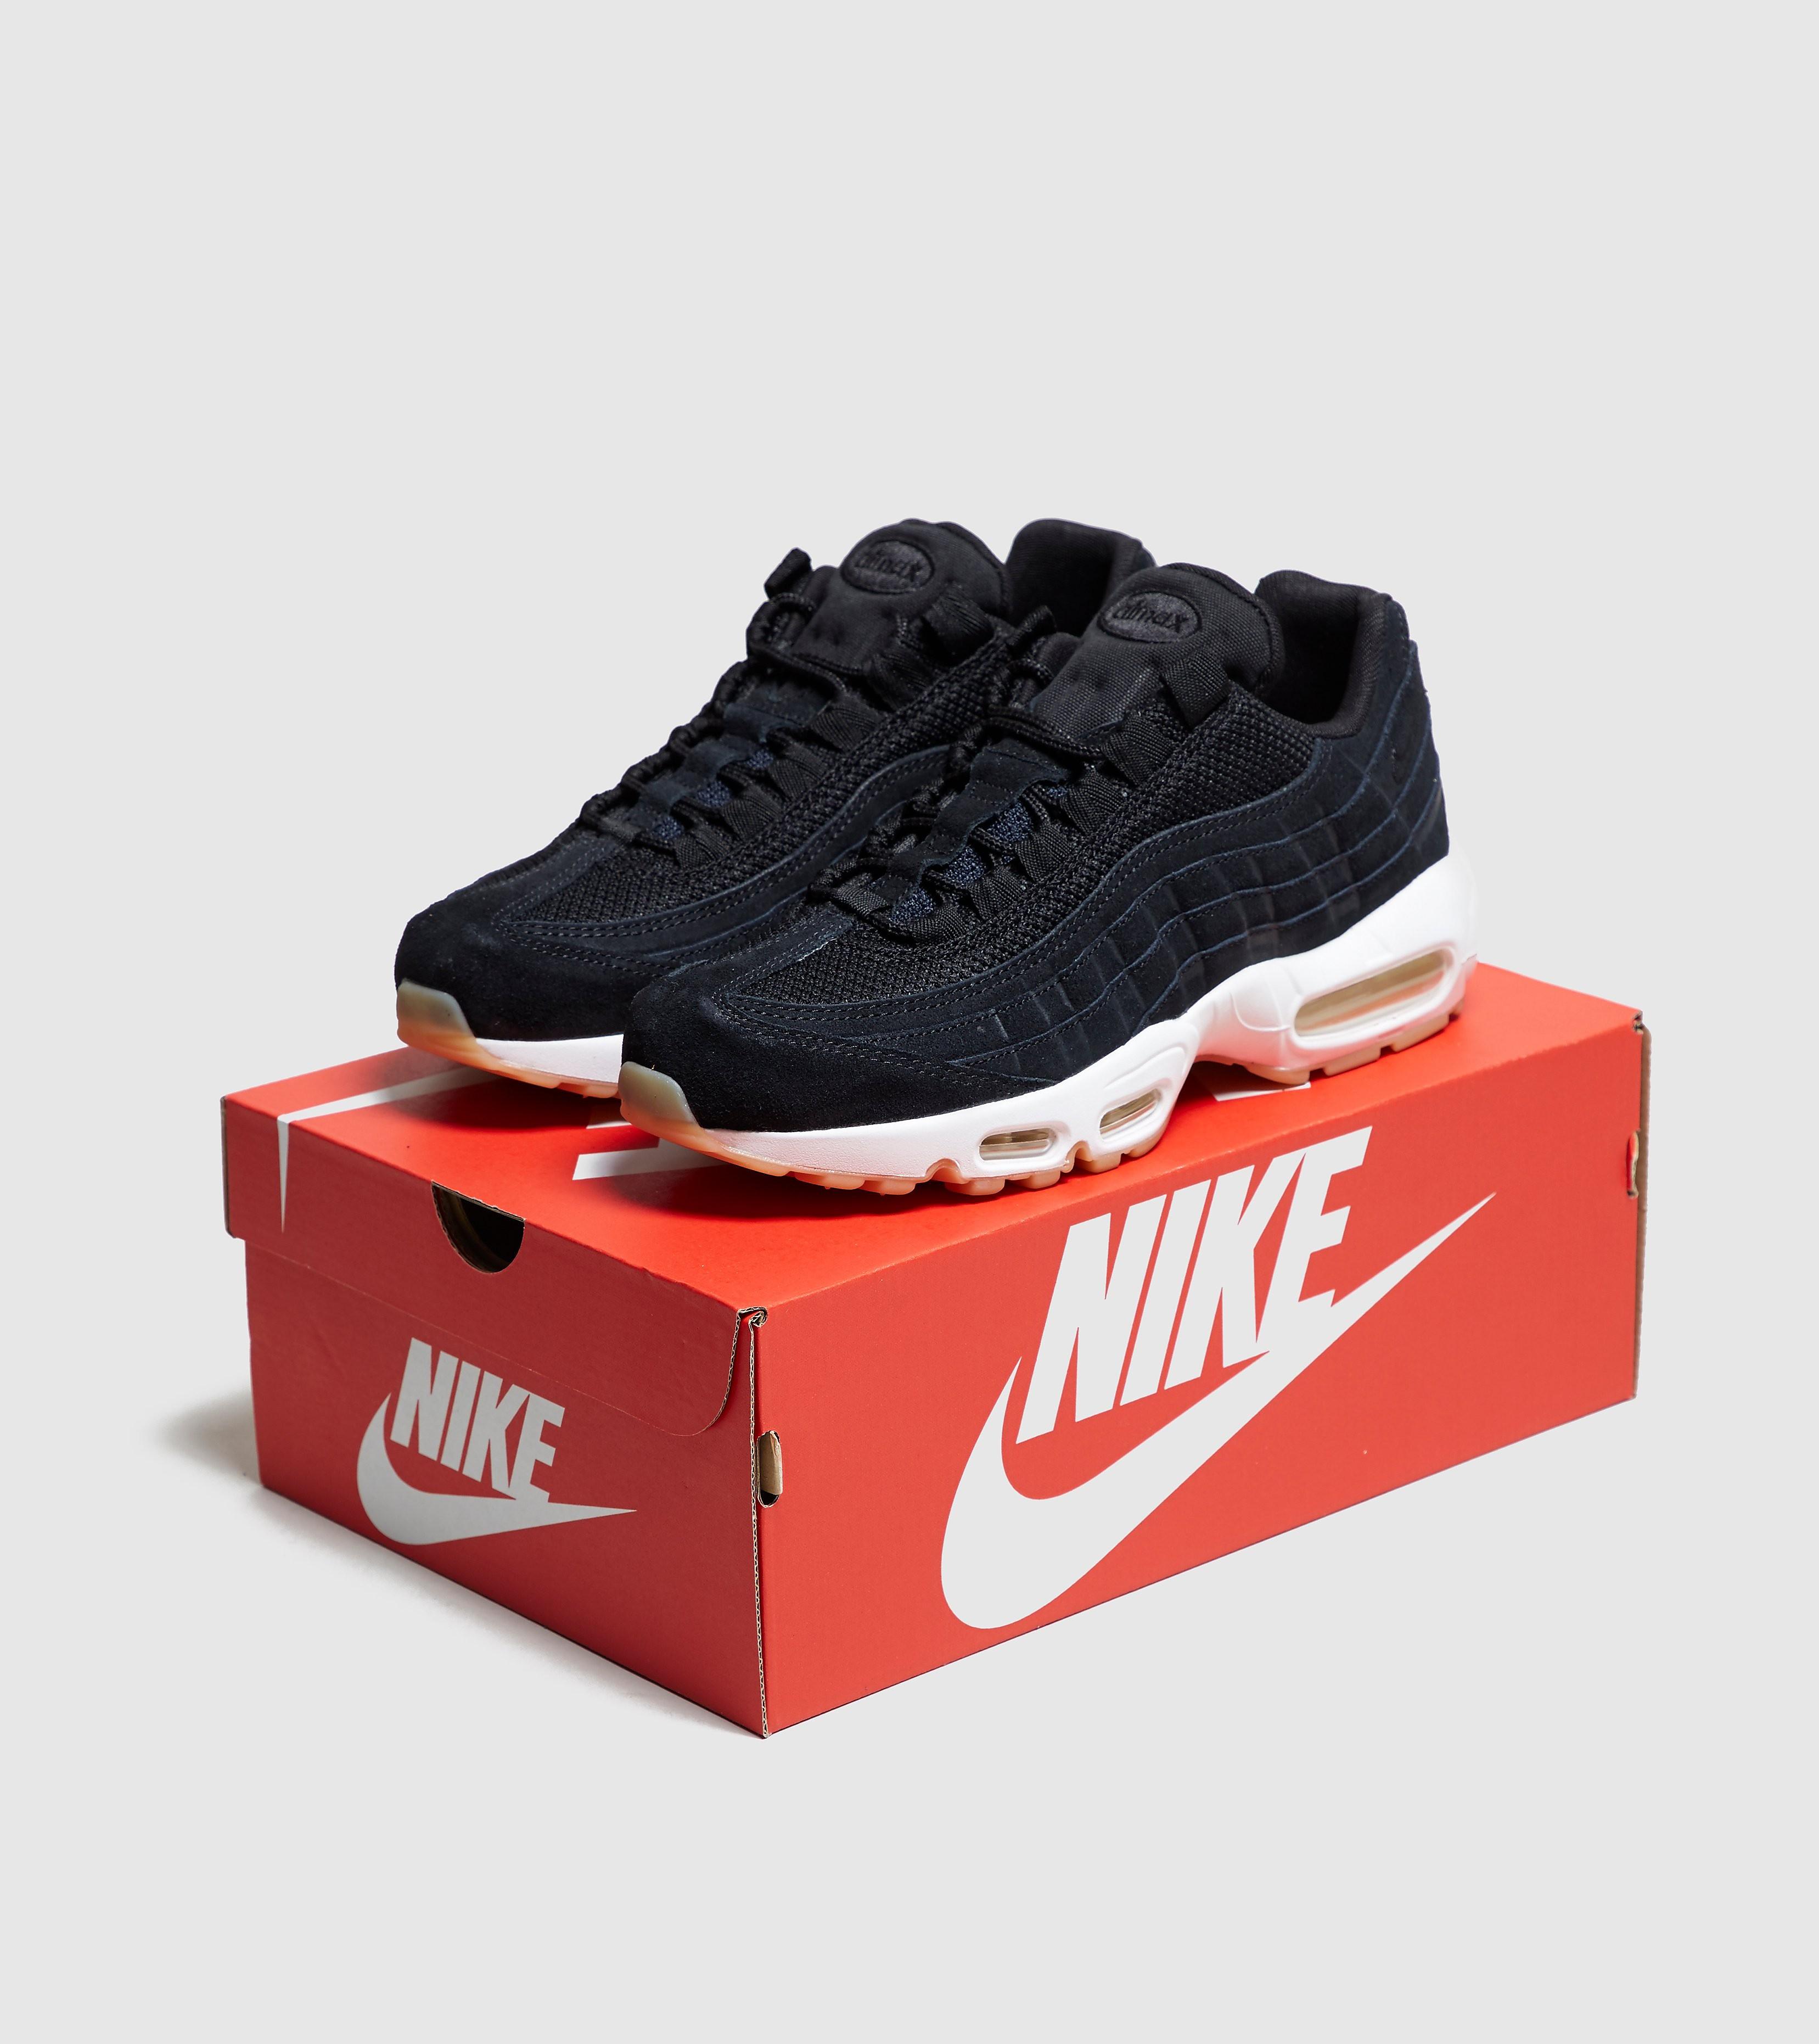 Nike Air Max 95 CVAS